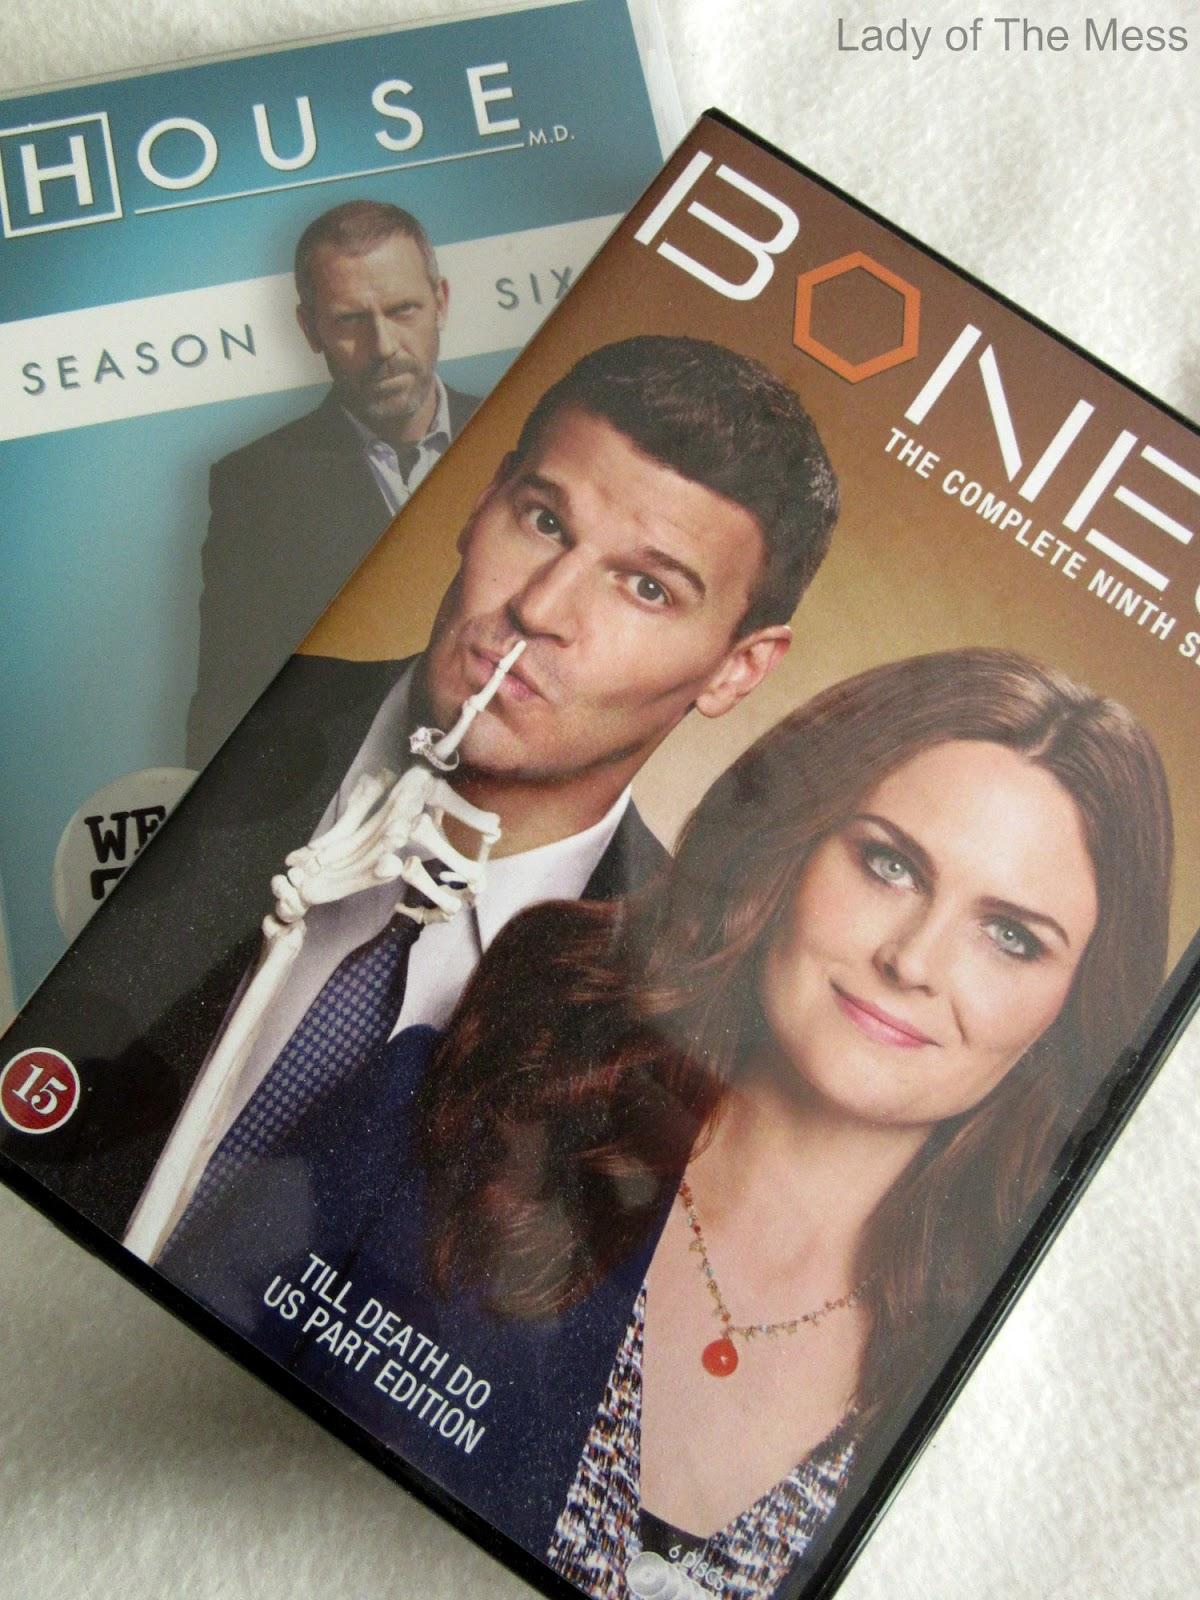 telkkarisarja, Bones, House